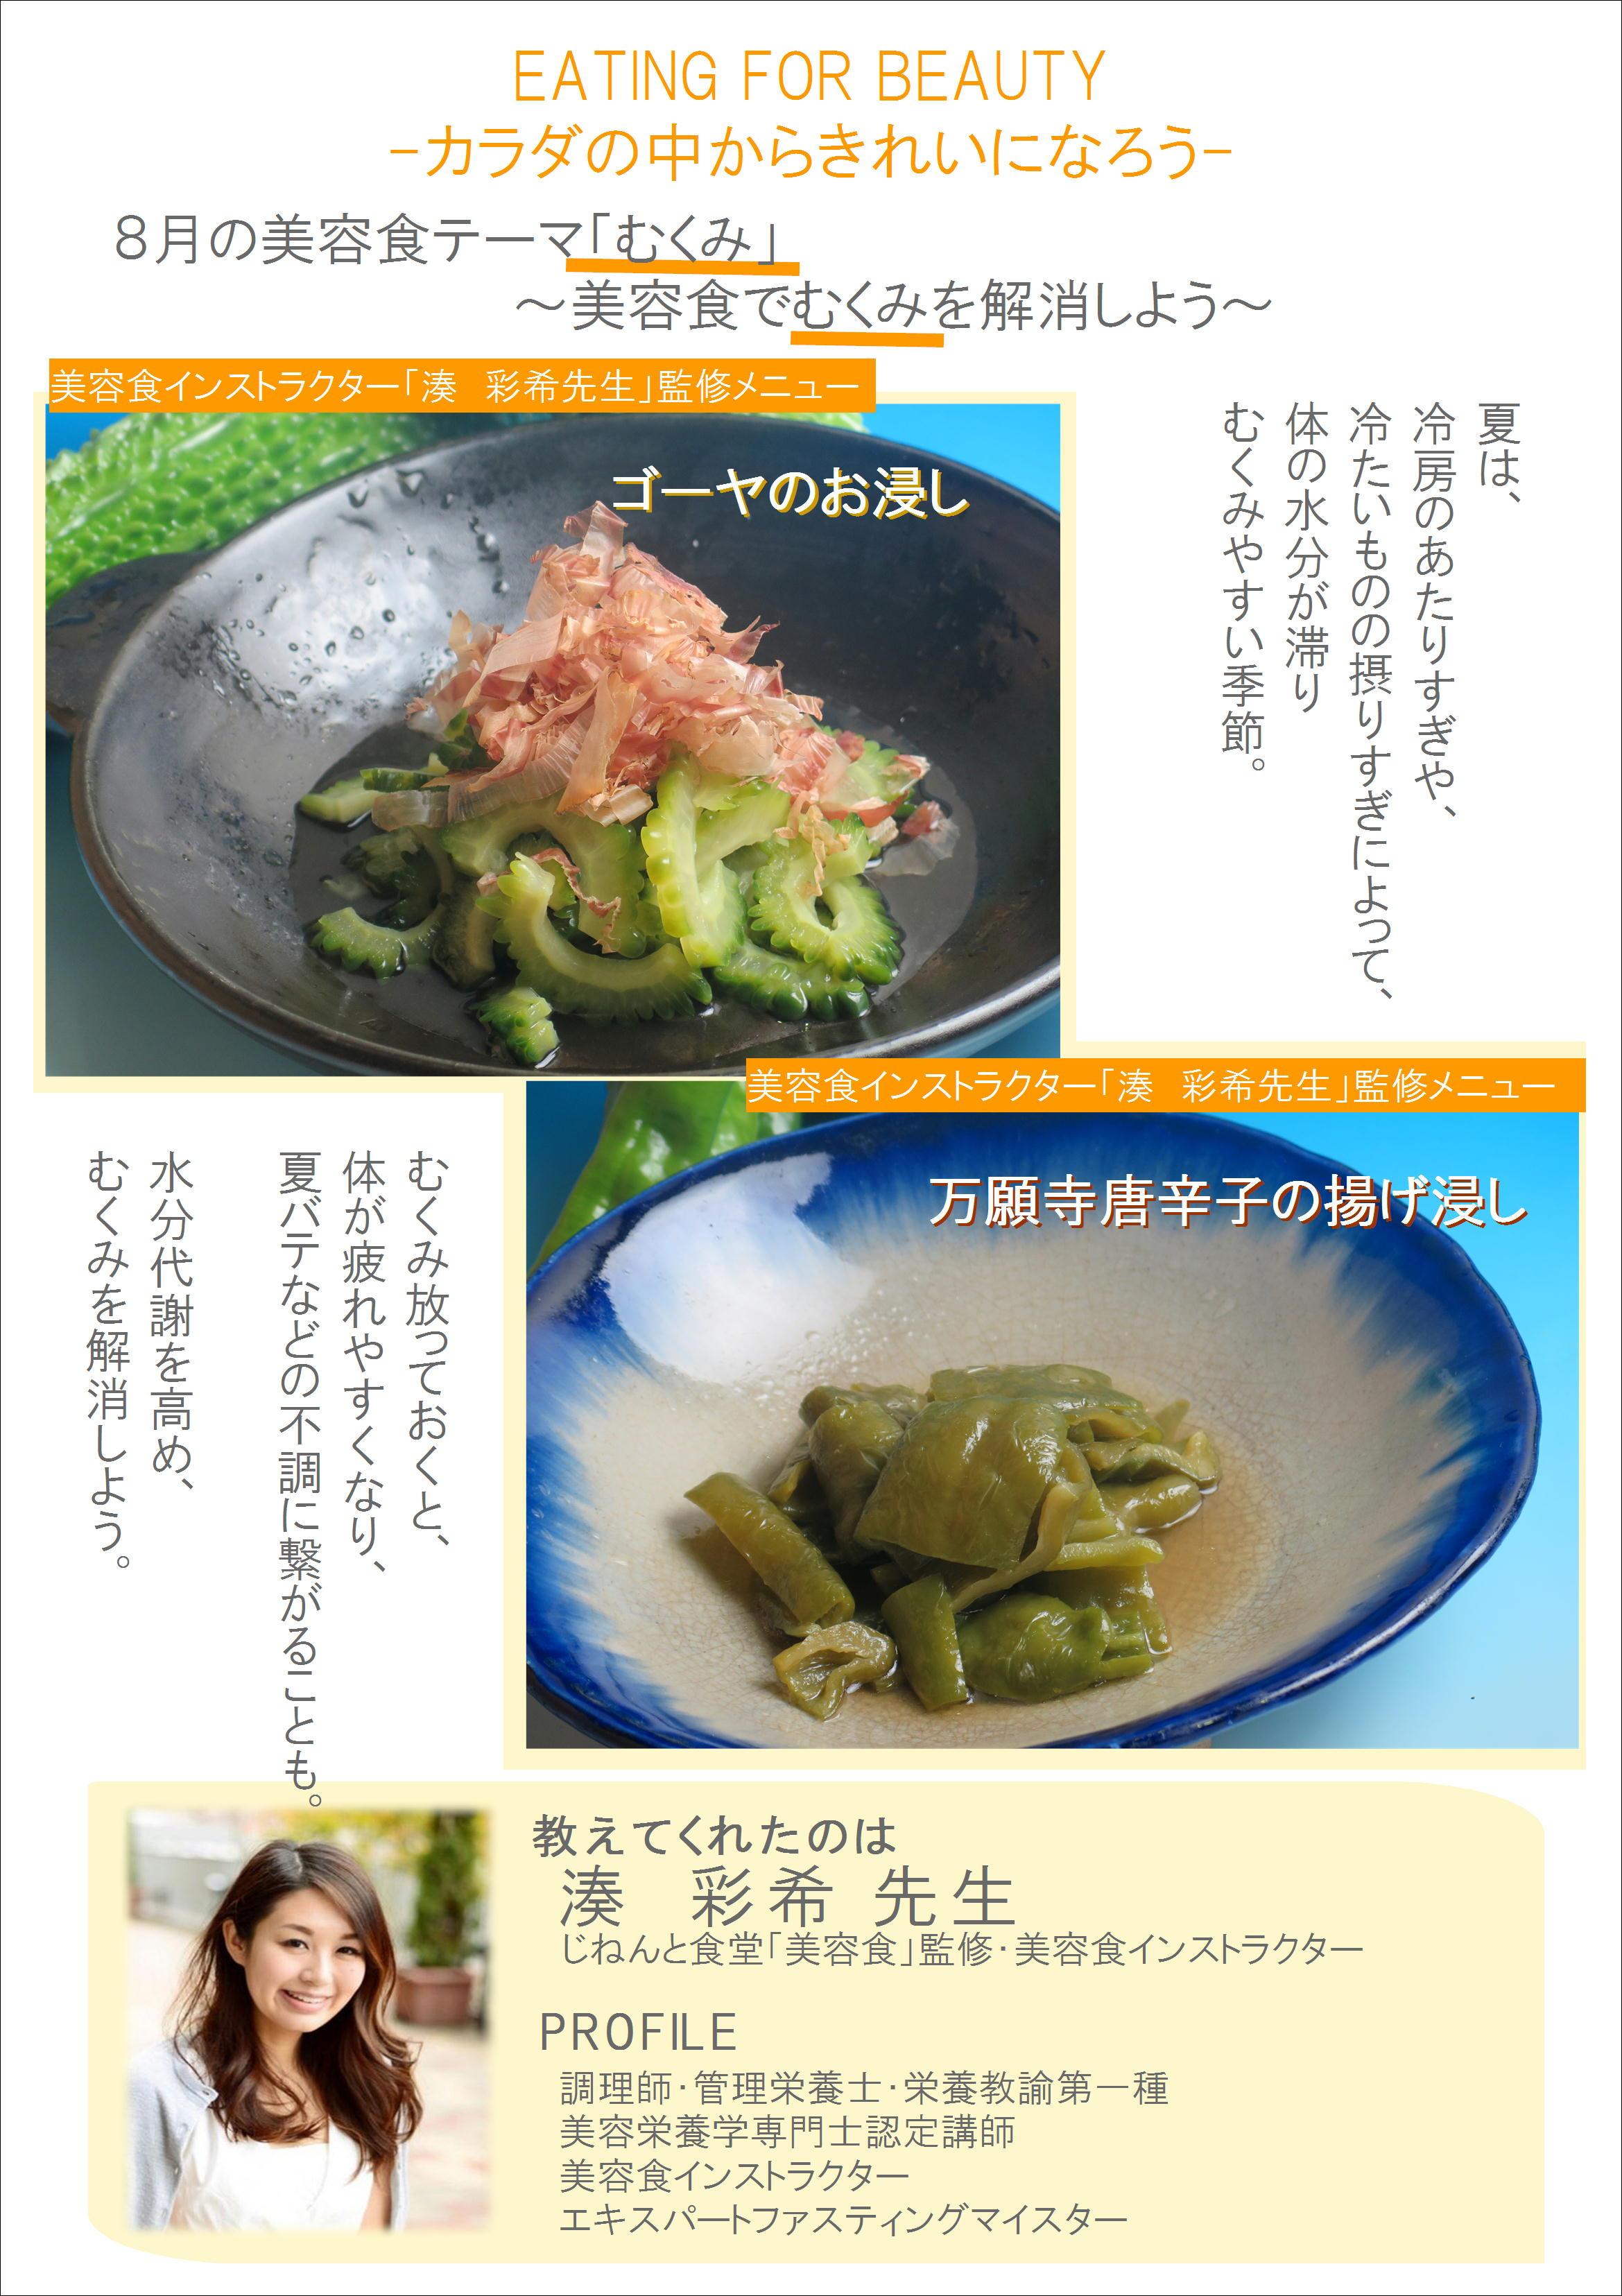 8月の美容食メニュー